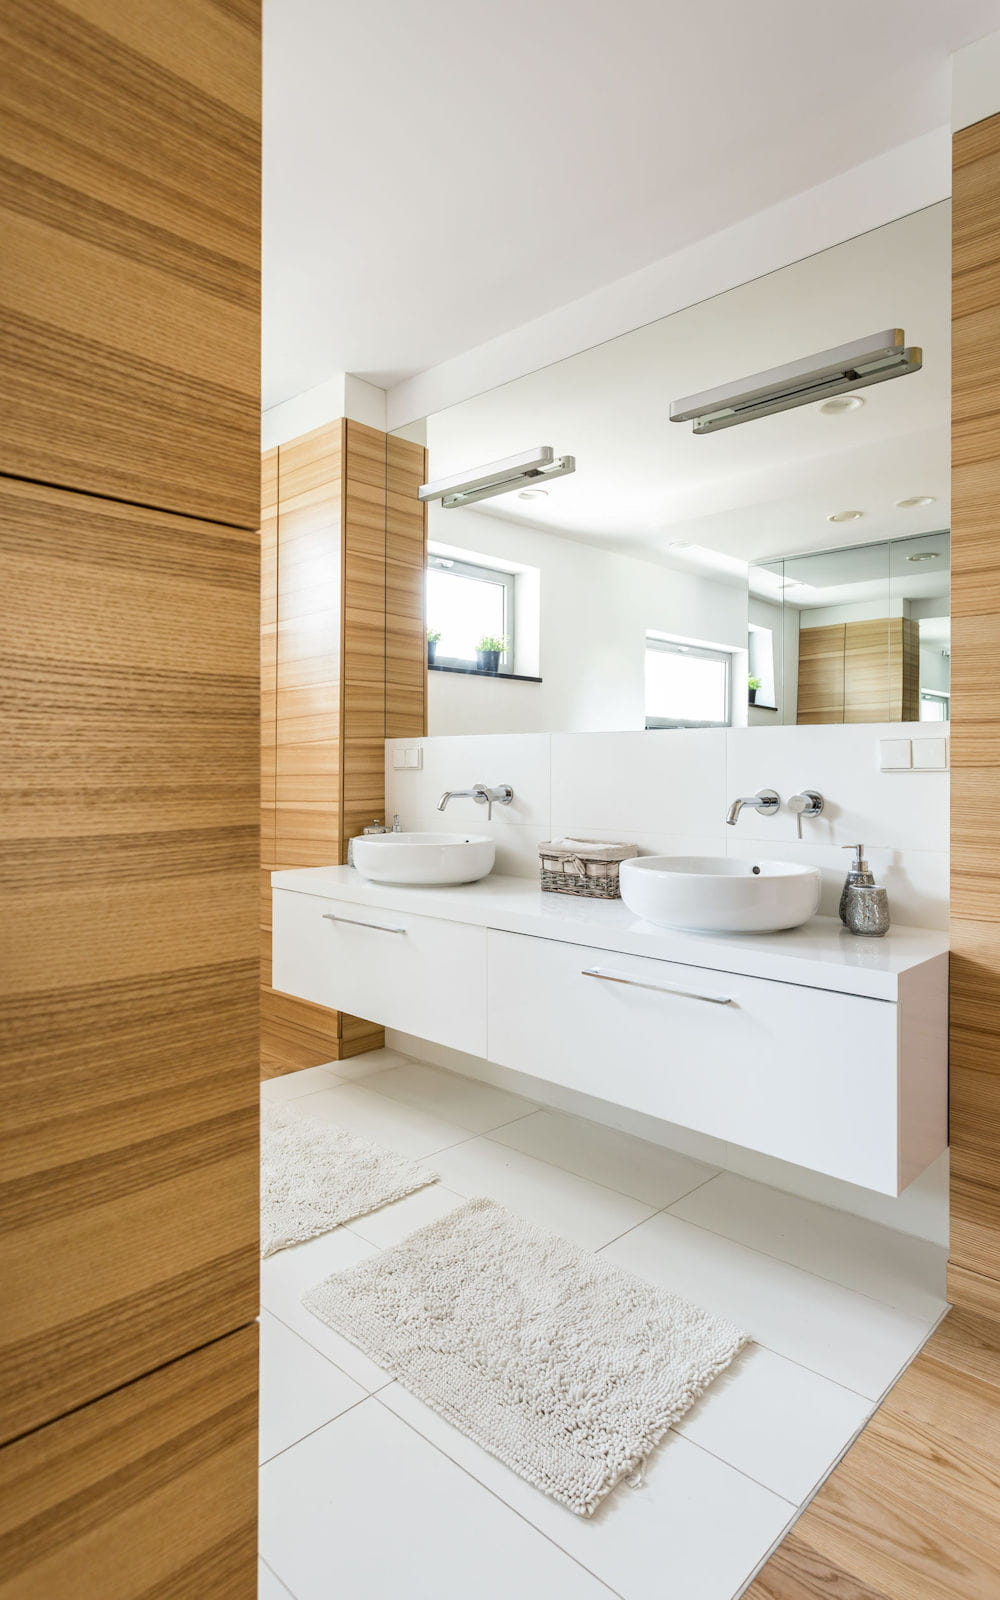 Lavabo Personne Mobilité Réduite positionner son lavabo à la mauvaise hauteur